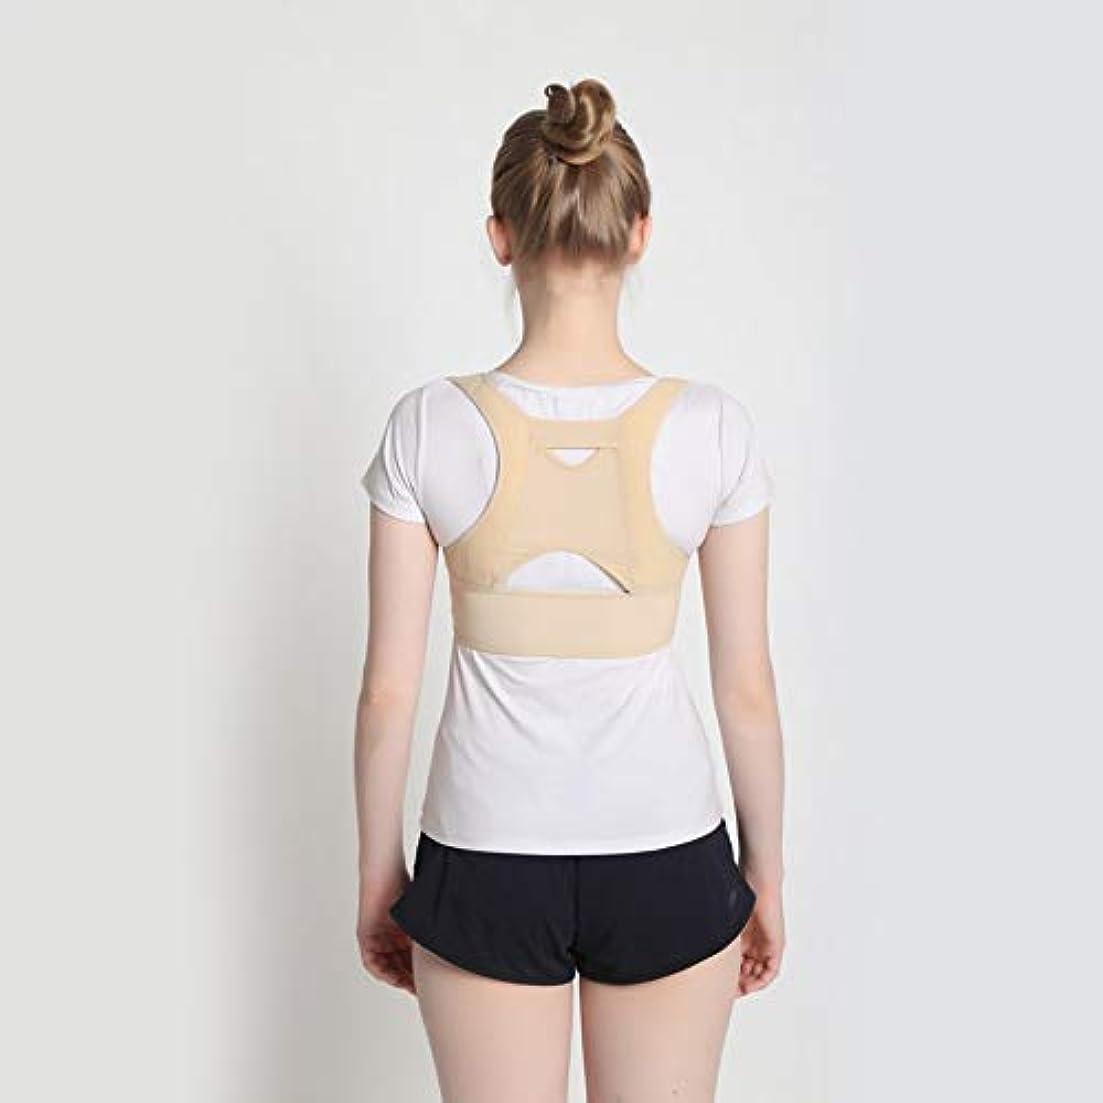 再生的電気技師から聞く通気性のある女性の背中の姿勢矯正コルセット整形外科の肩の背骨の背骨の姿勢矯正腰椎サポート